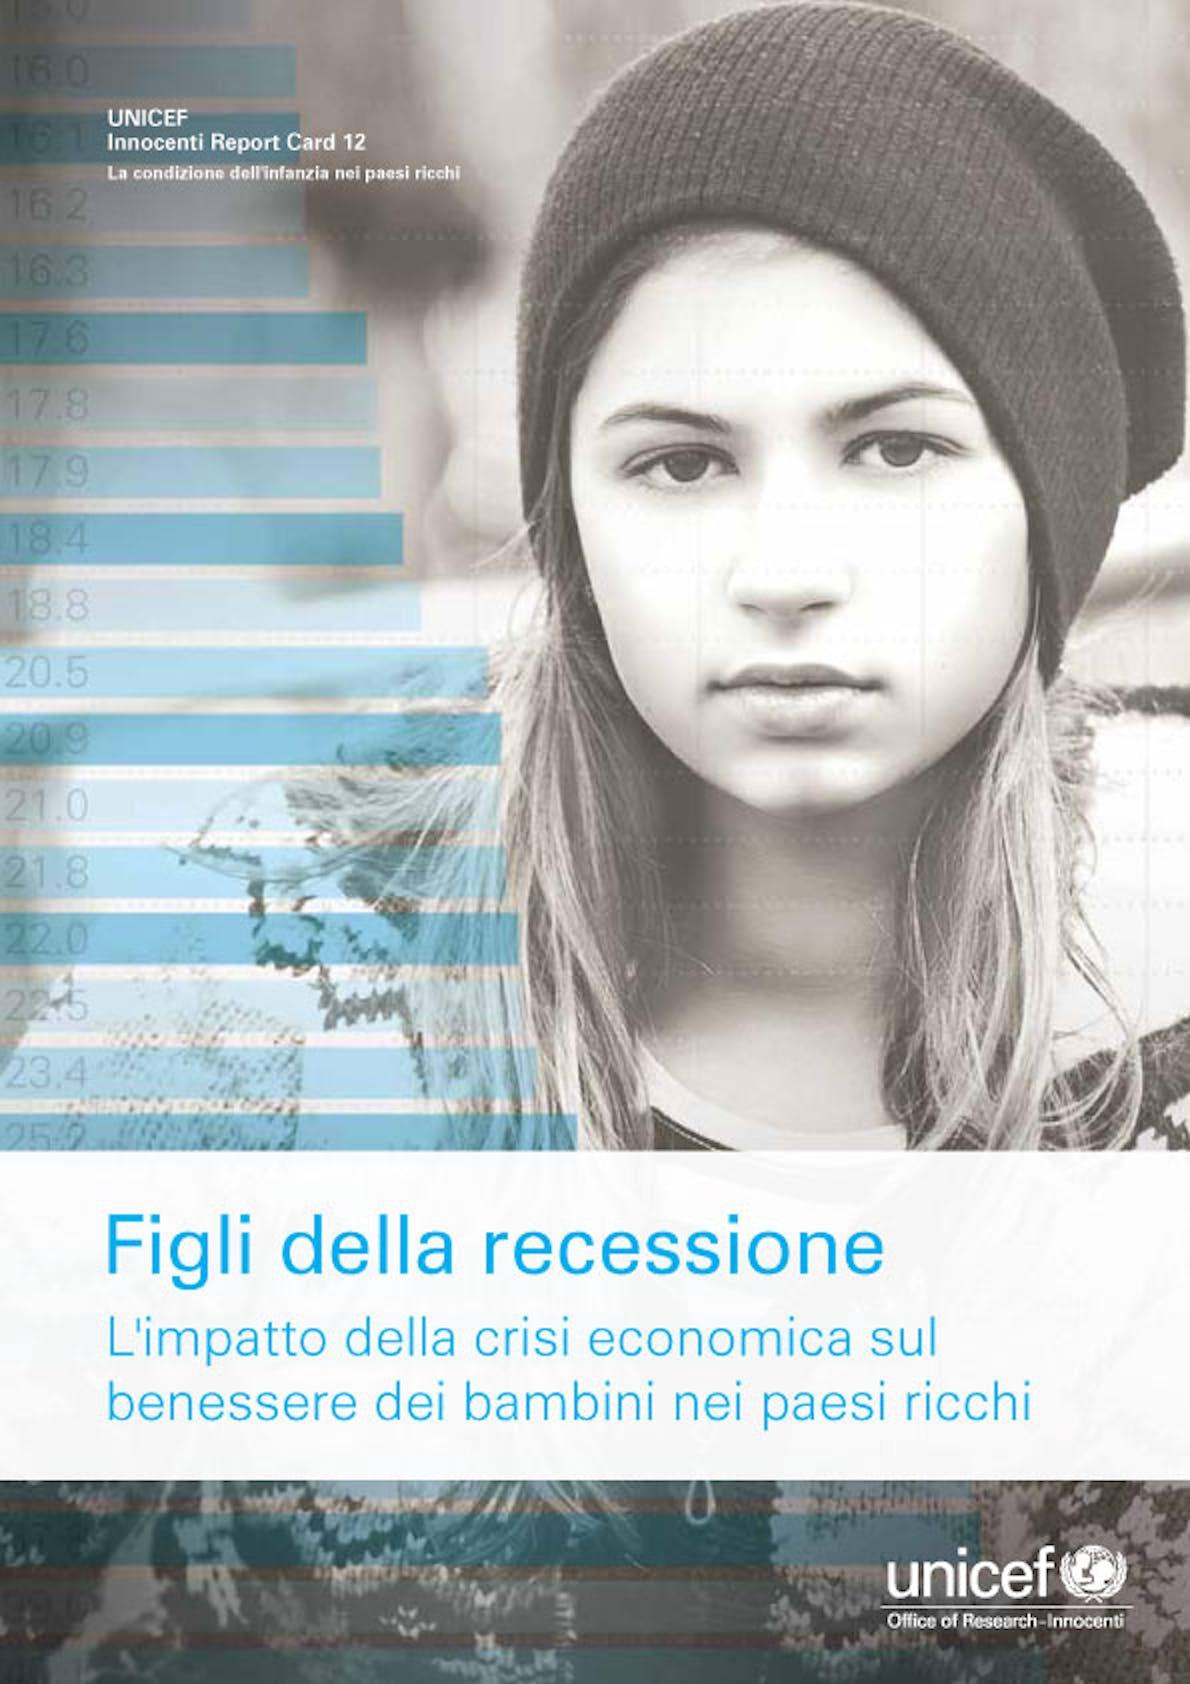 Report Card 12 - Figli della recessione